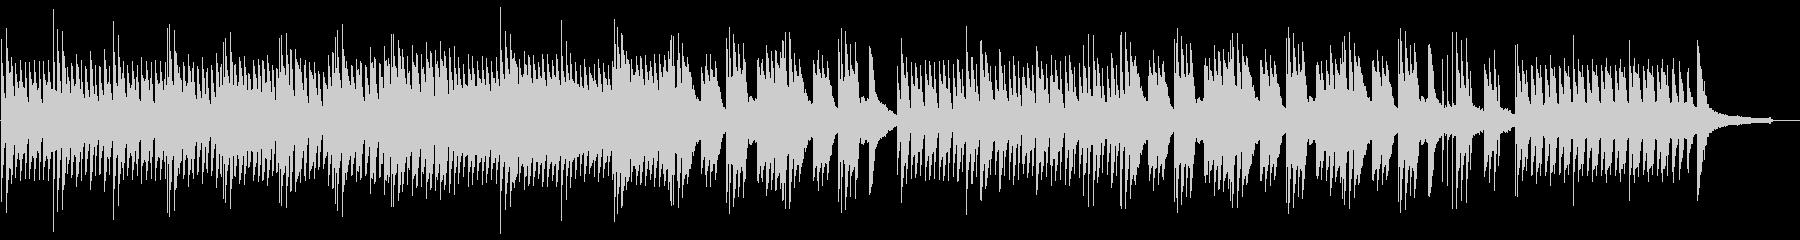 ゆったりと切ないピアノサウンドの未再生の波形